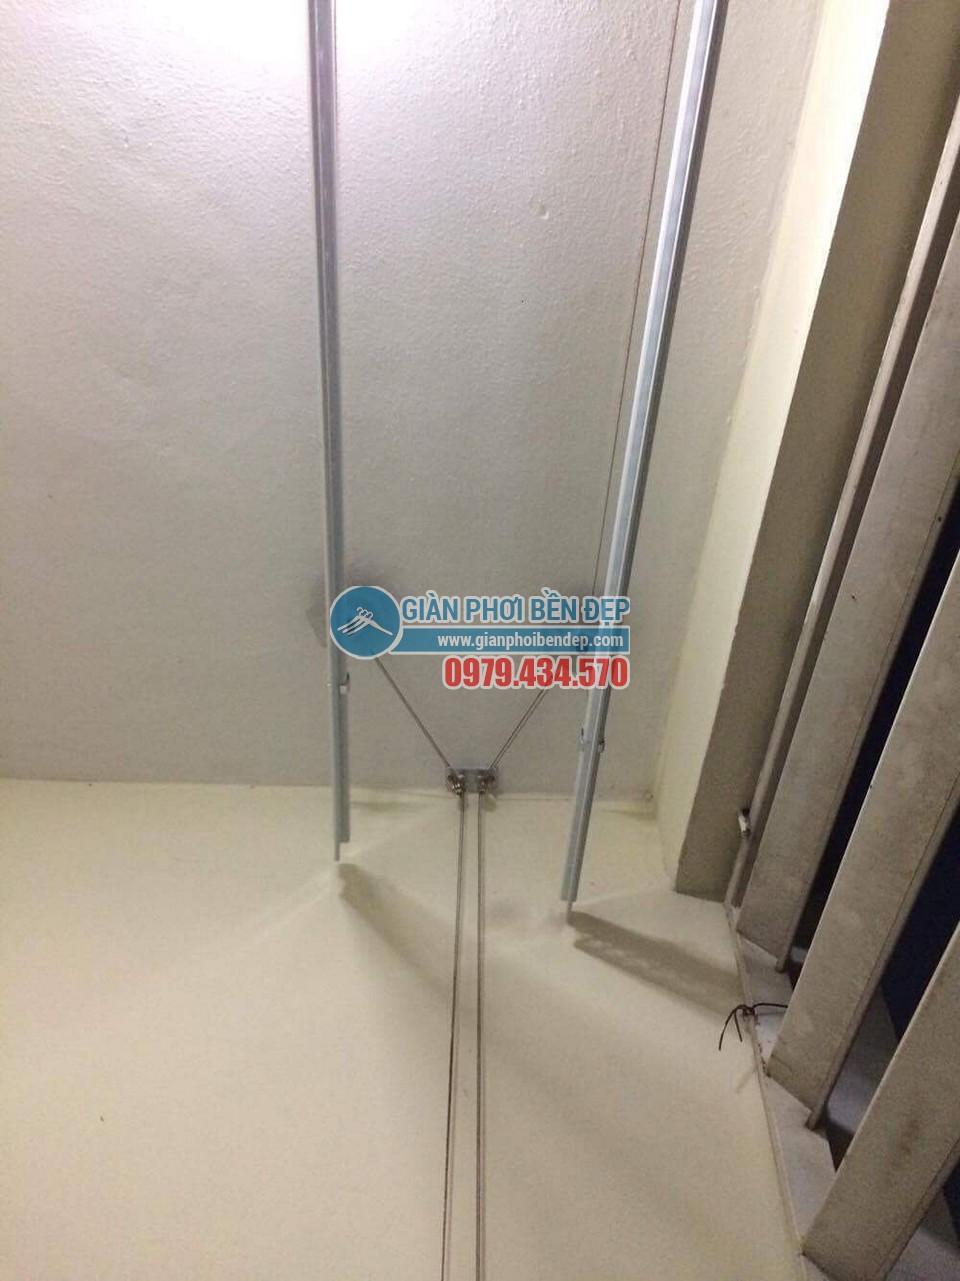 Hoàn thiện lắp đặt giàn phơi thông minh tại nhà chị Hương, chung cư CT6 Đặng Xá - 04